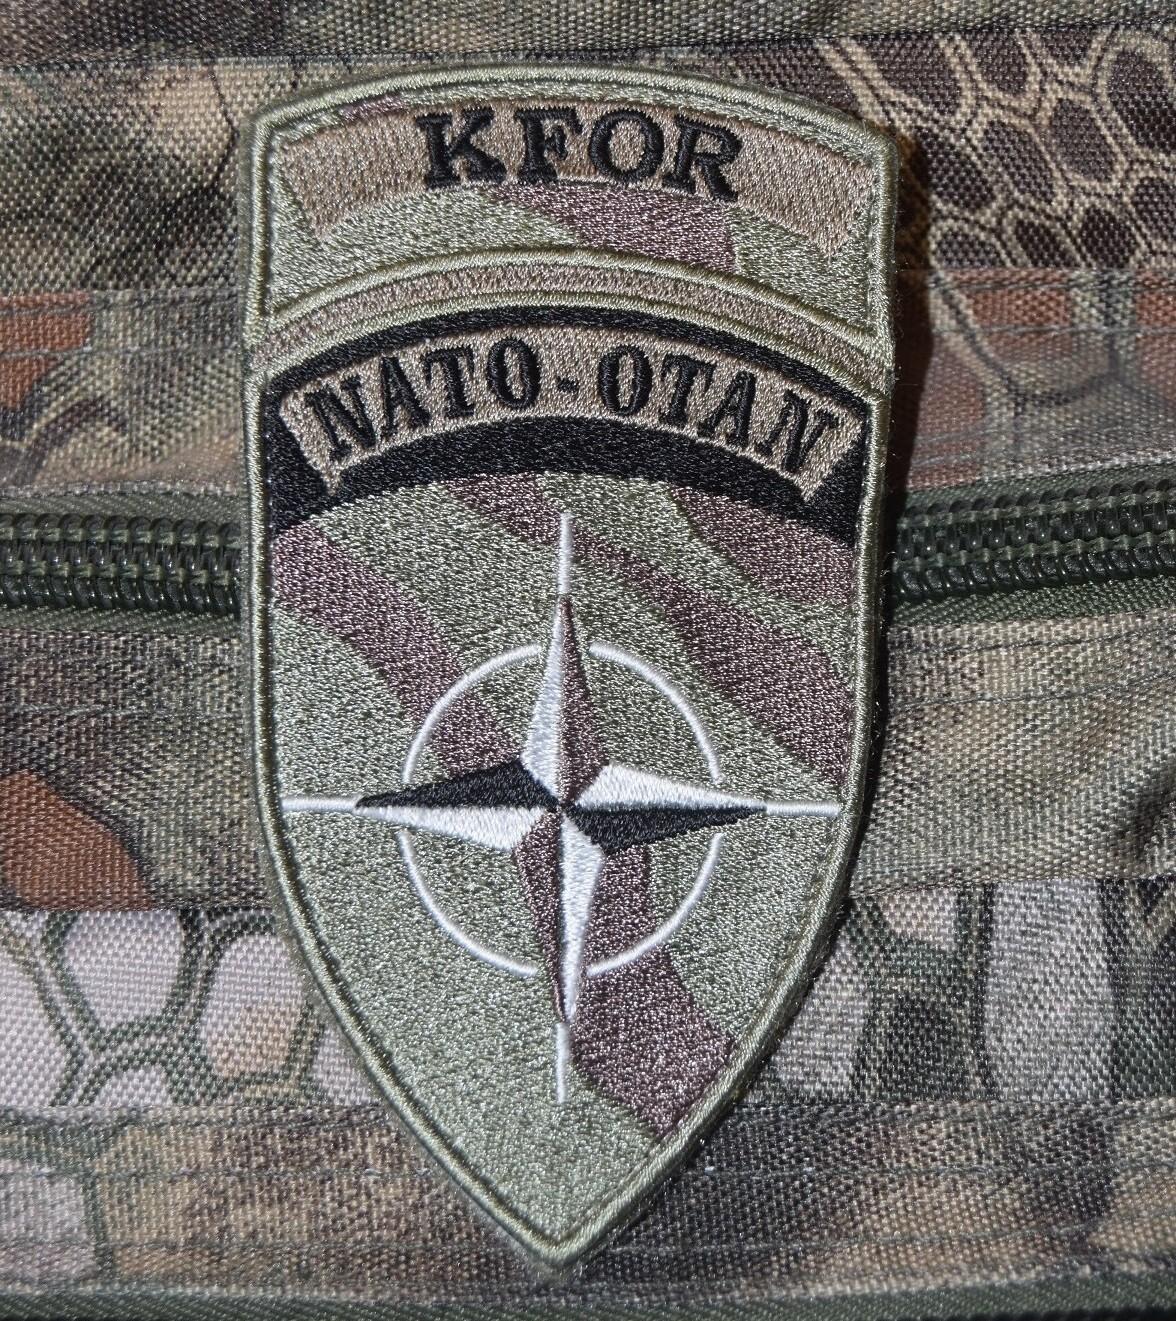 Patch brodé KFOR NATO OTAN